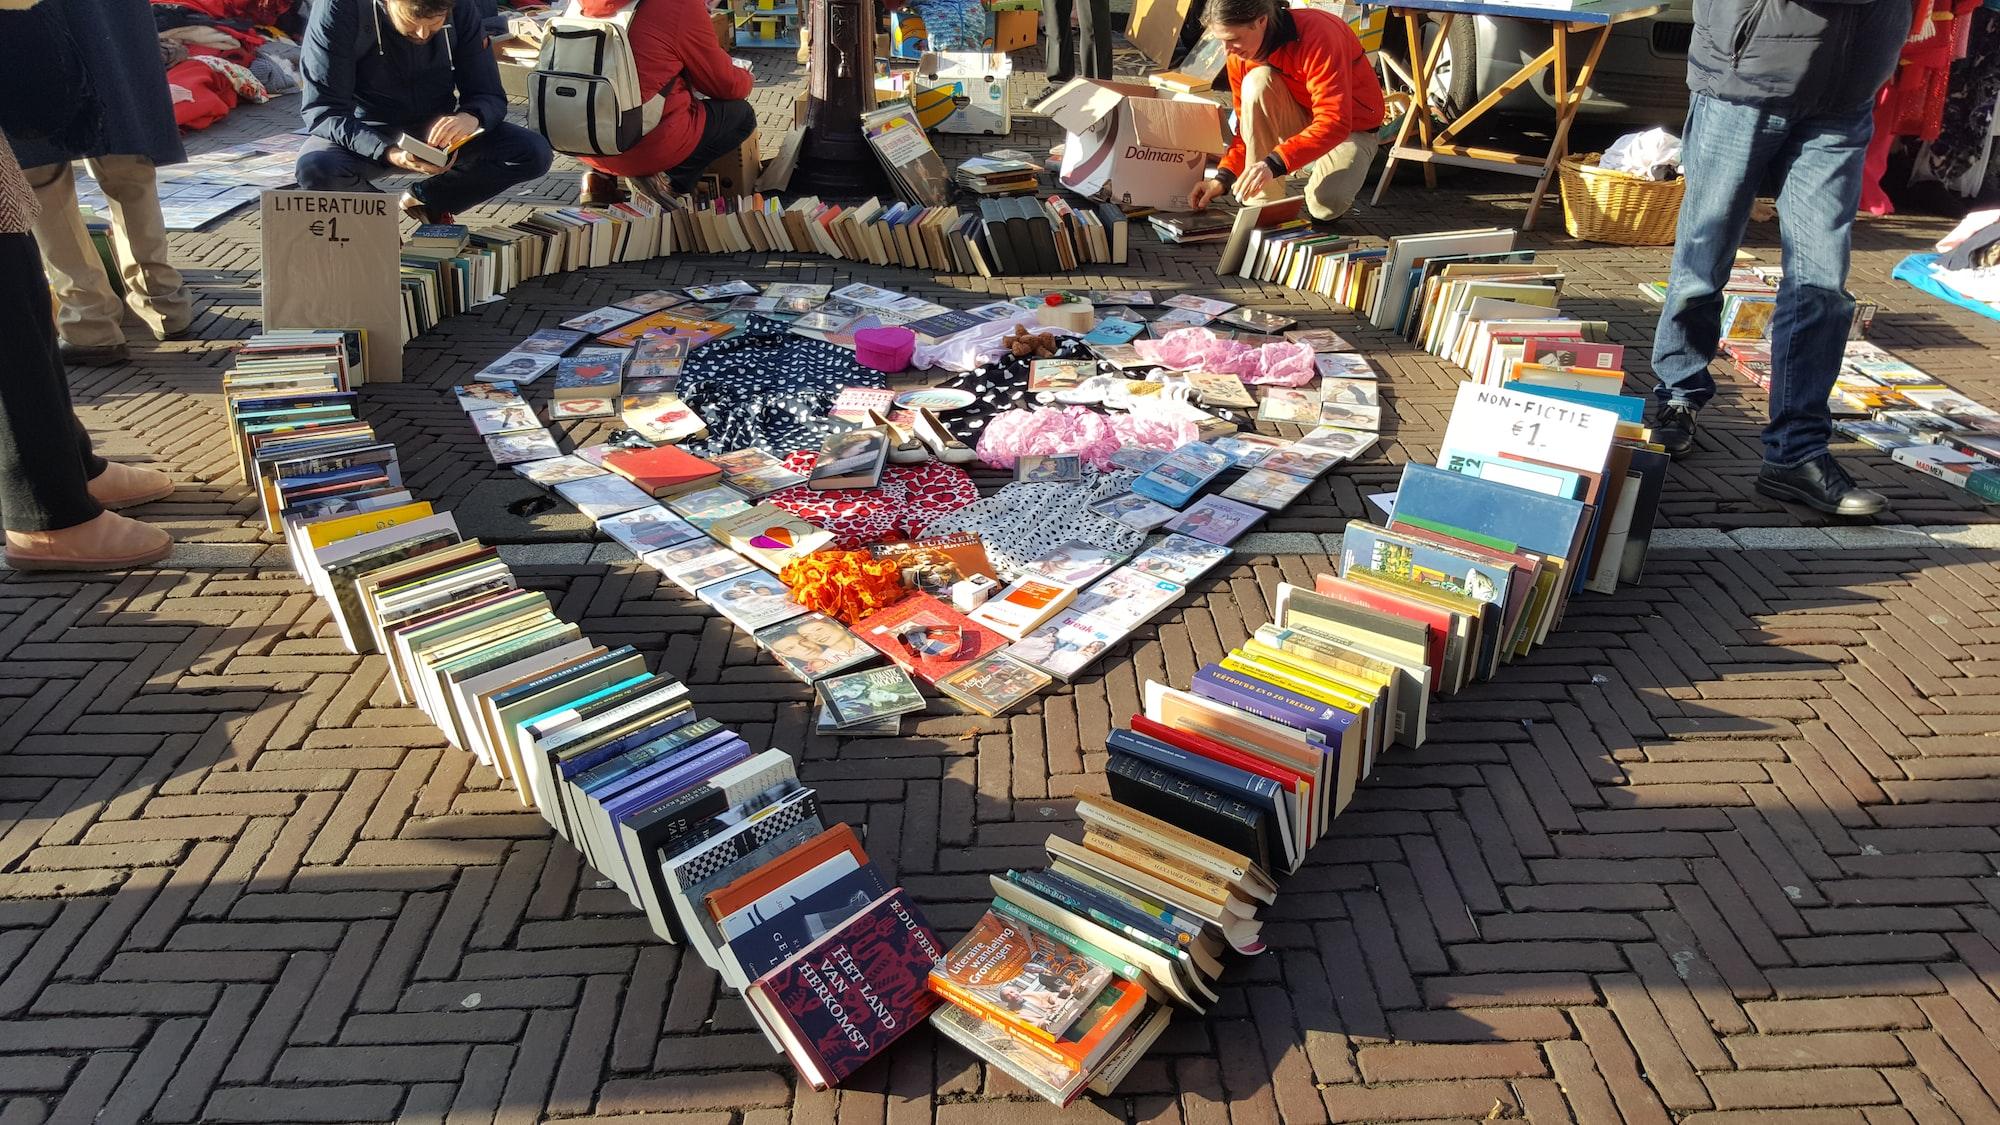 Flea Market in Amsterdam